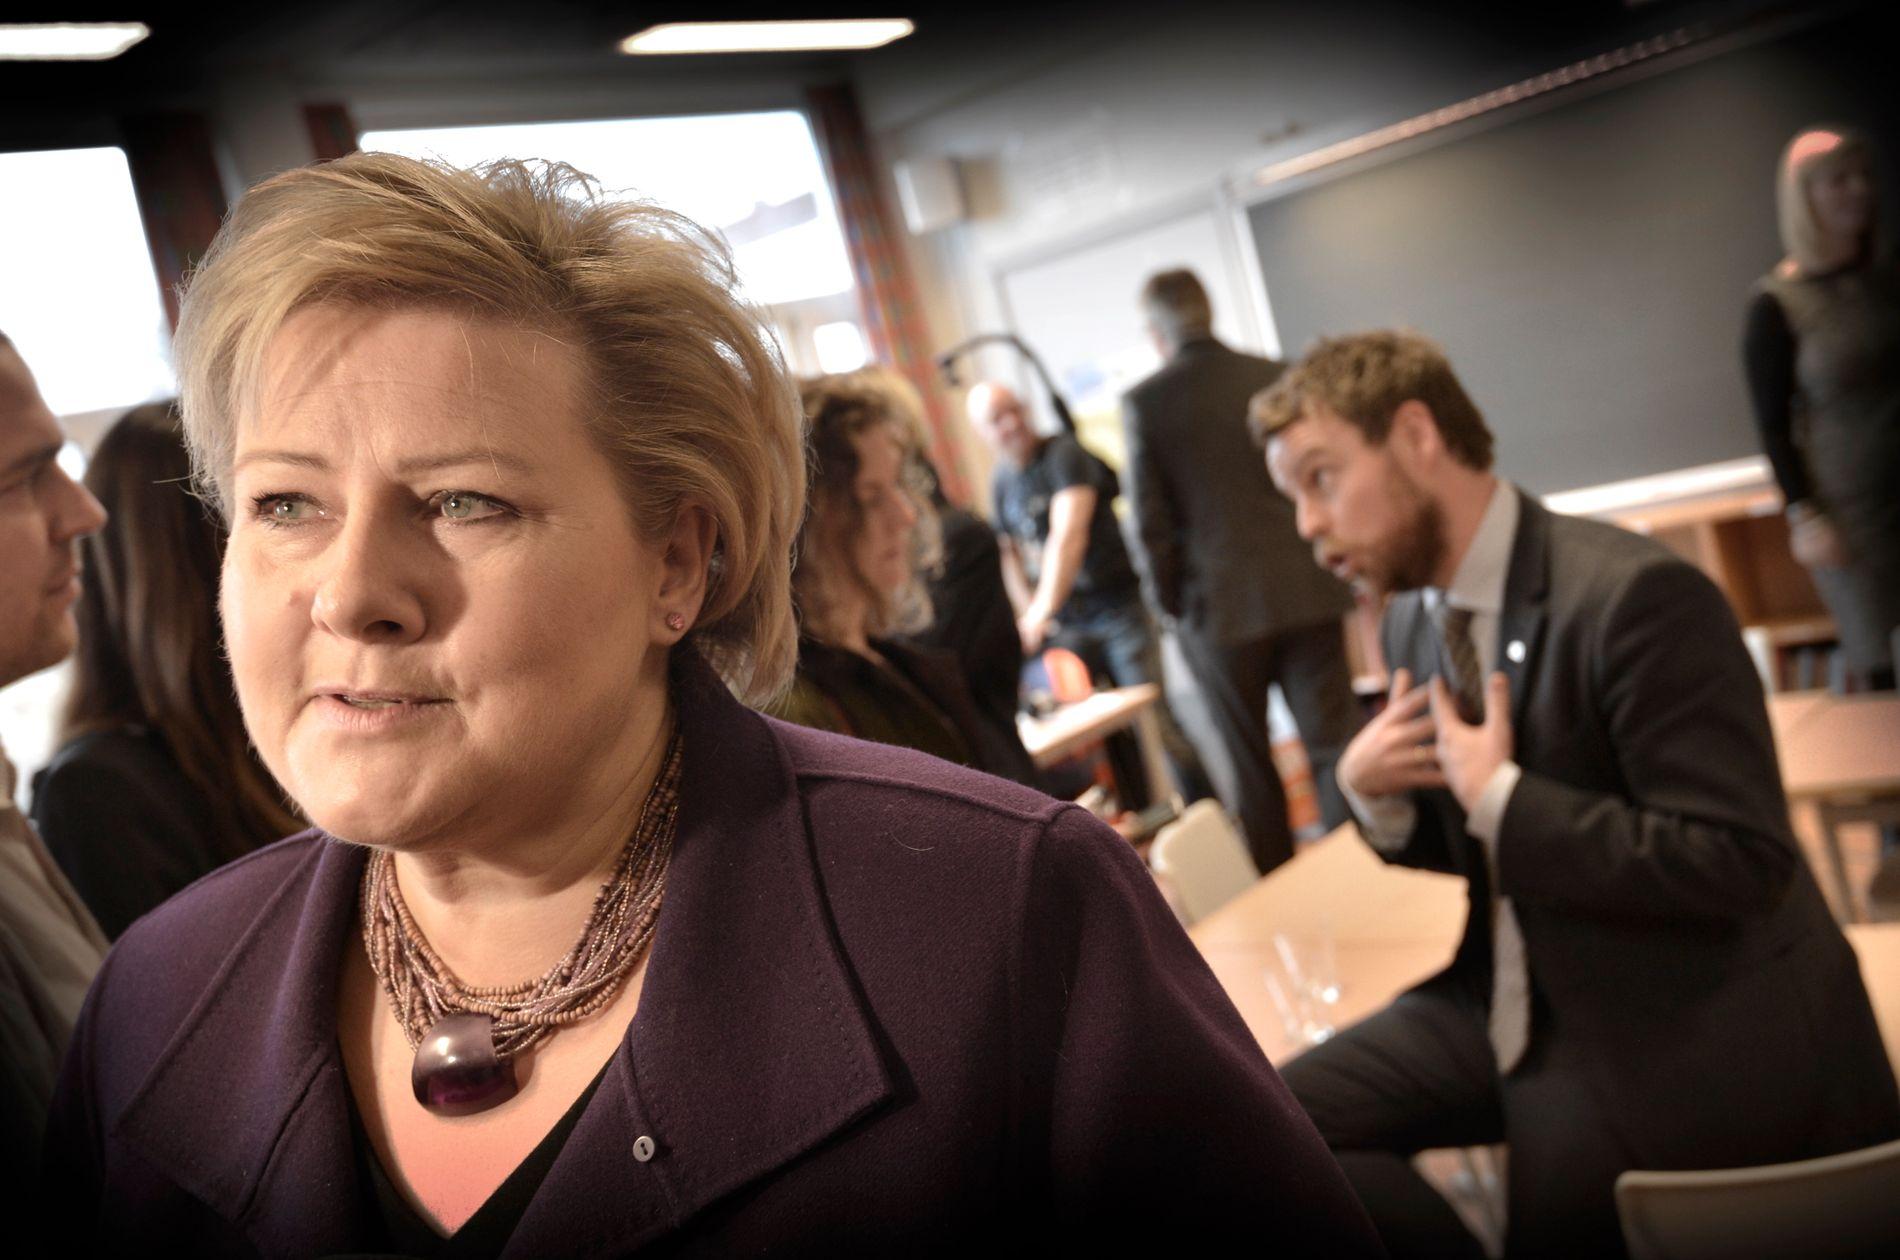 EØS-DEBATT: – Kloke politiske ledere ville de siste årene styrket arbeidstakeres rettigheter på en rekke punkter. I stedet har Erna Solbergs regjering gått bakover,  noe som er en oppskrift på motstand mot EØS-avtalen, skriver kronikkforfatteren.